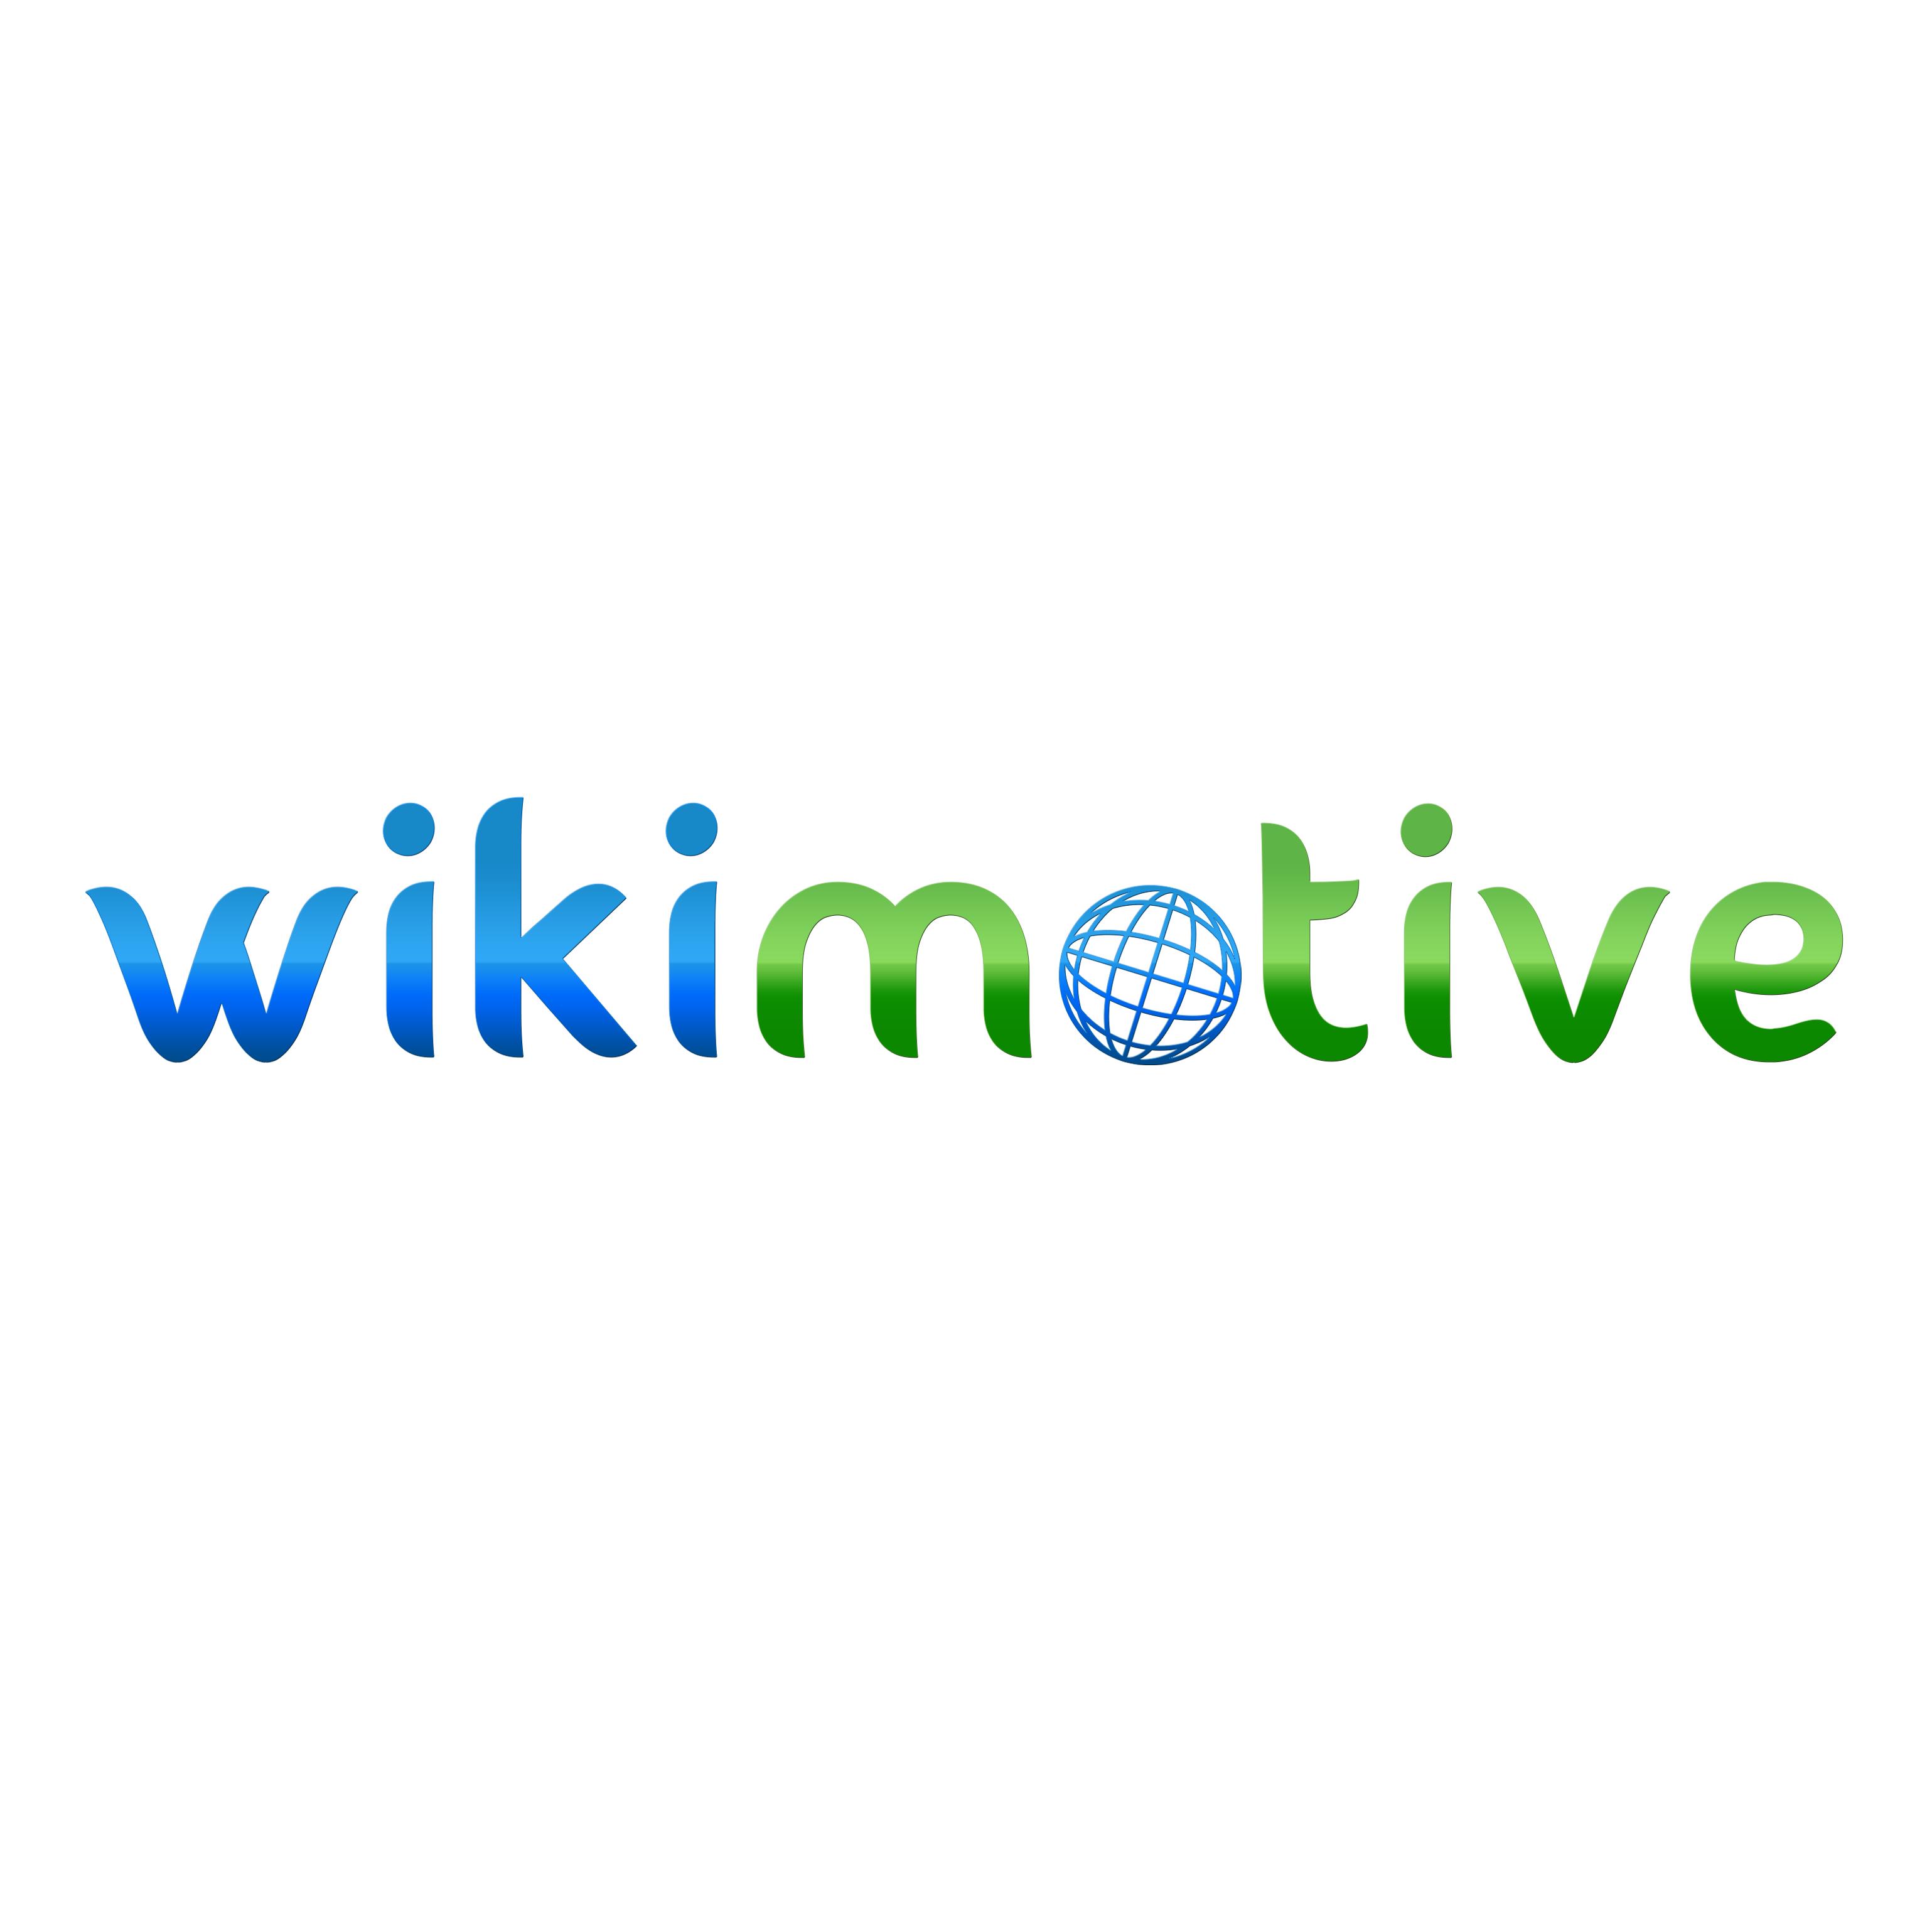 Wikimotive image 0